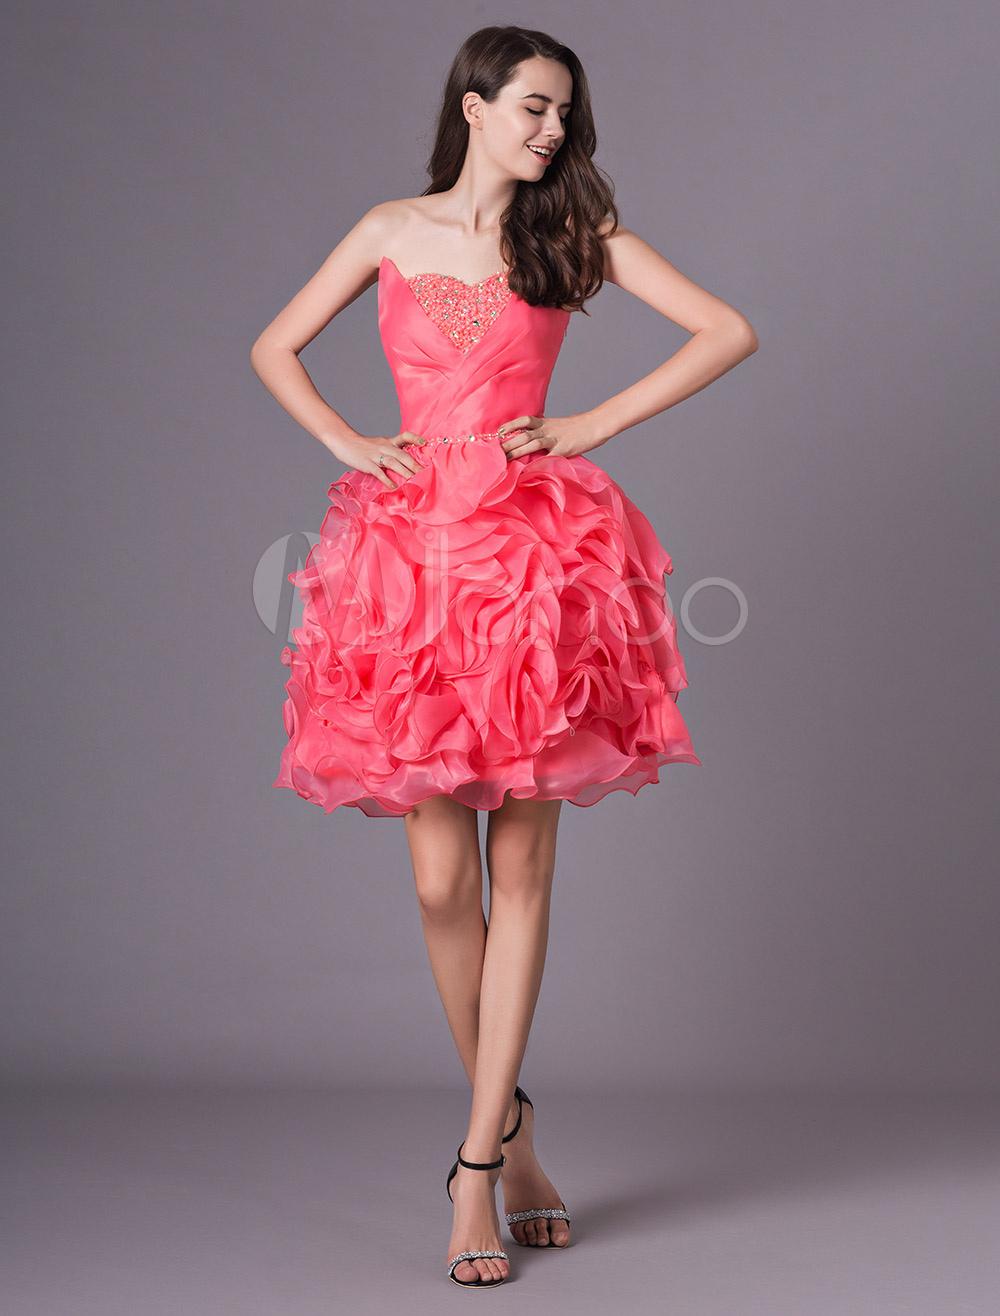 5f97ae76d3 ... vestidos de gala de organza Rojo coral con escote en corazón sin mangas  con cuentas estilo. 12. -45%. color Rojo coral